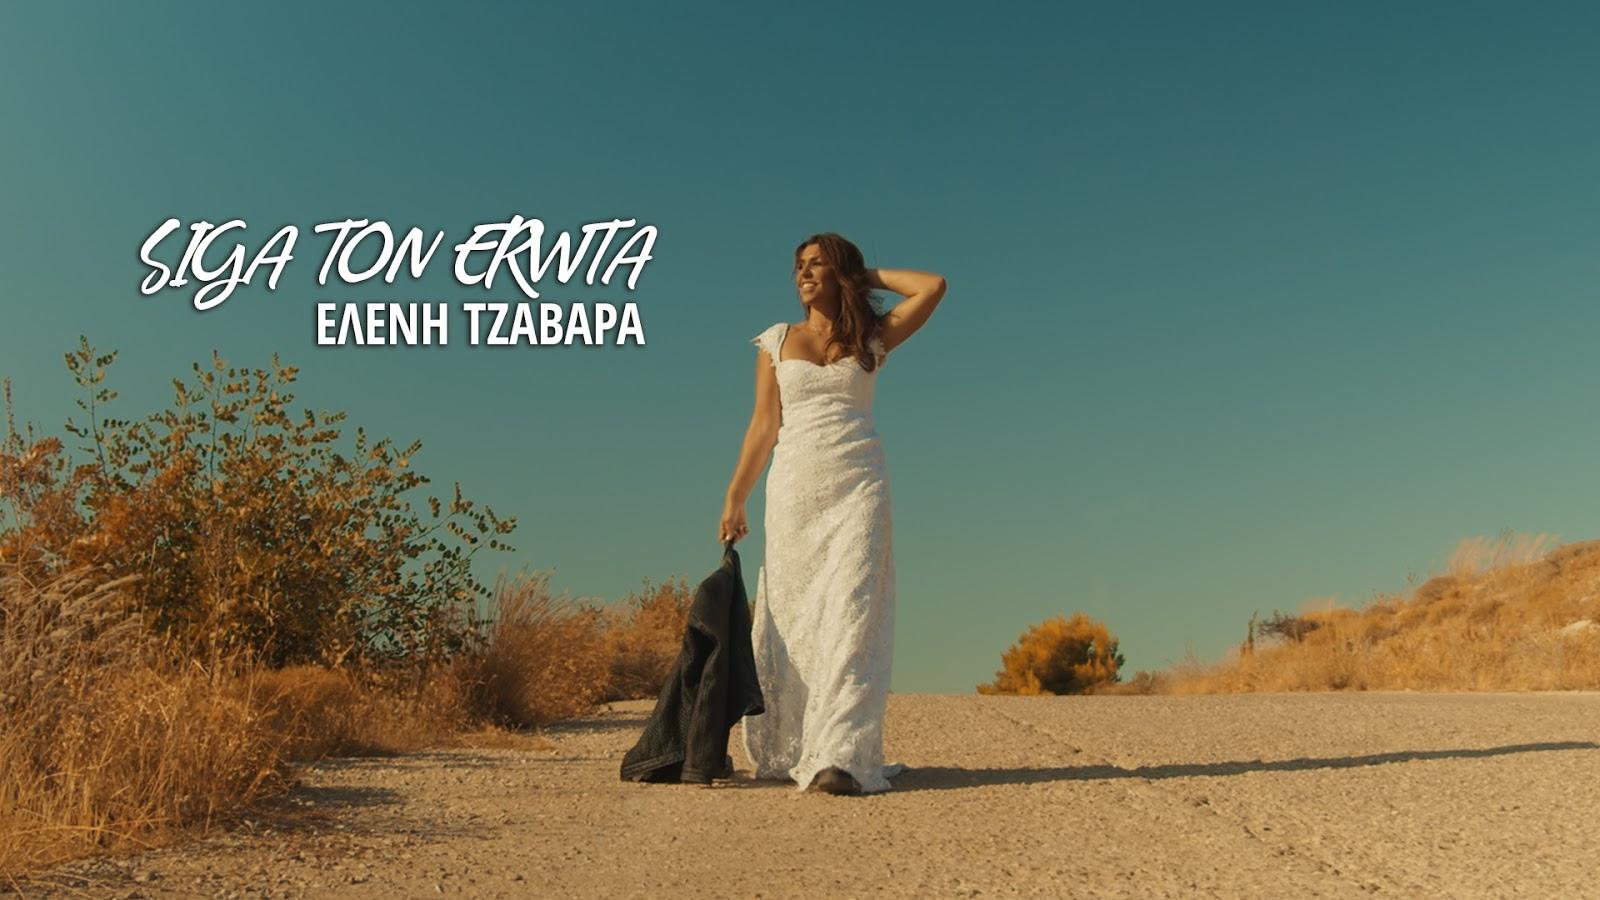 Ελένη Τζαβάρα - Σιγά τον έρωτα new song 2019 (VIDEO)